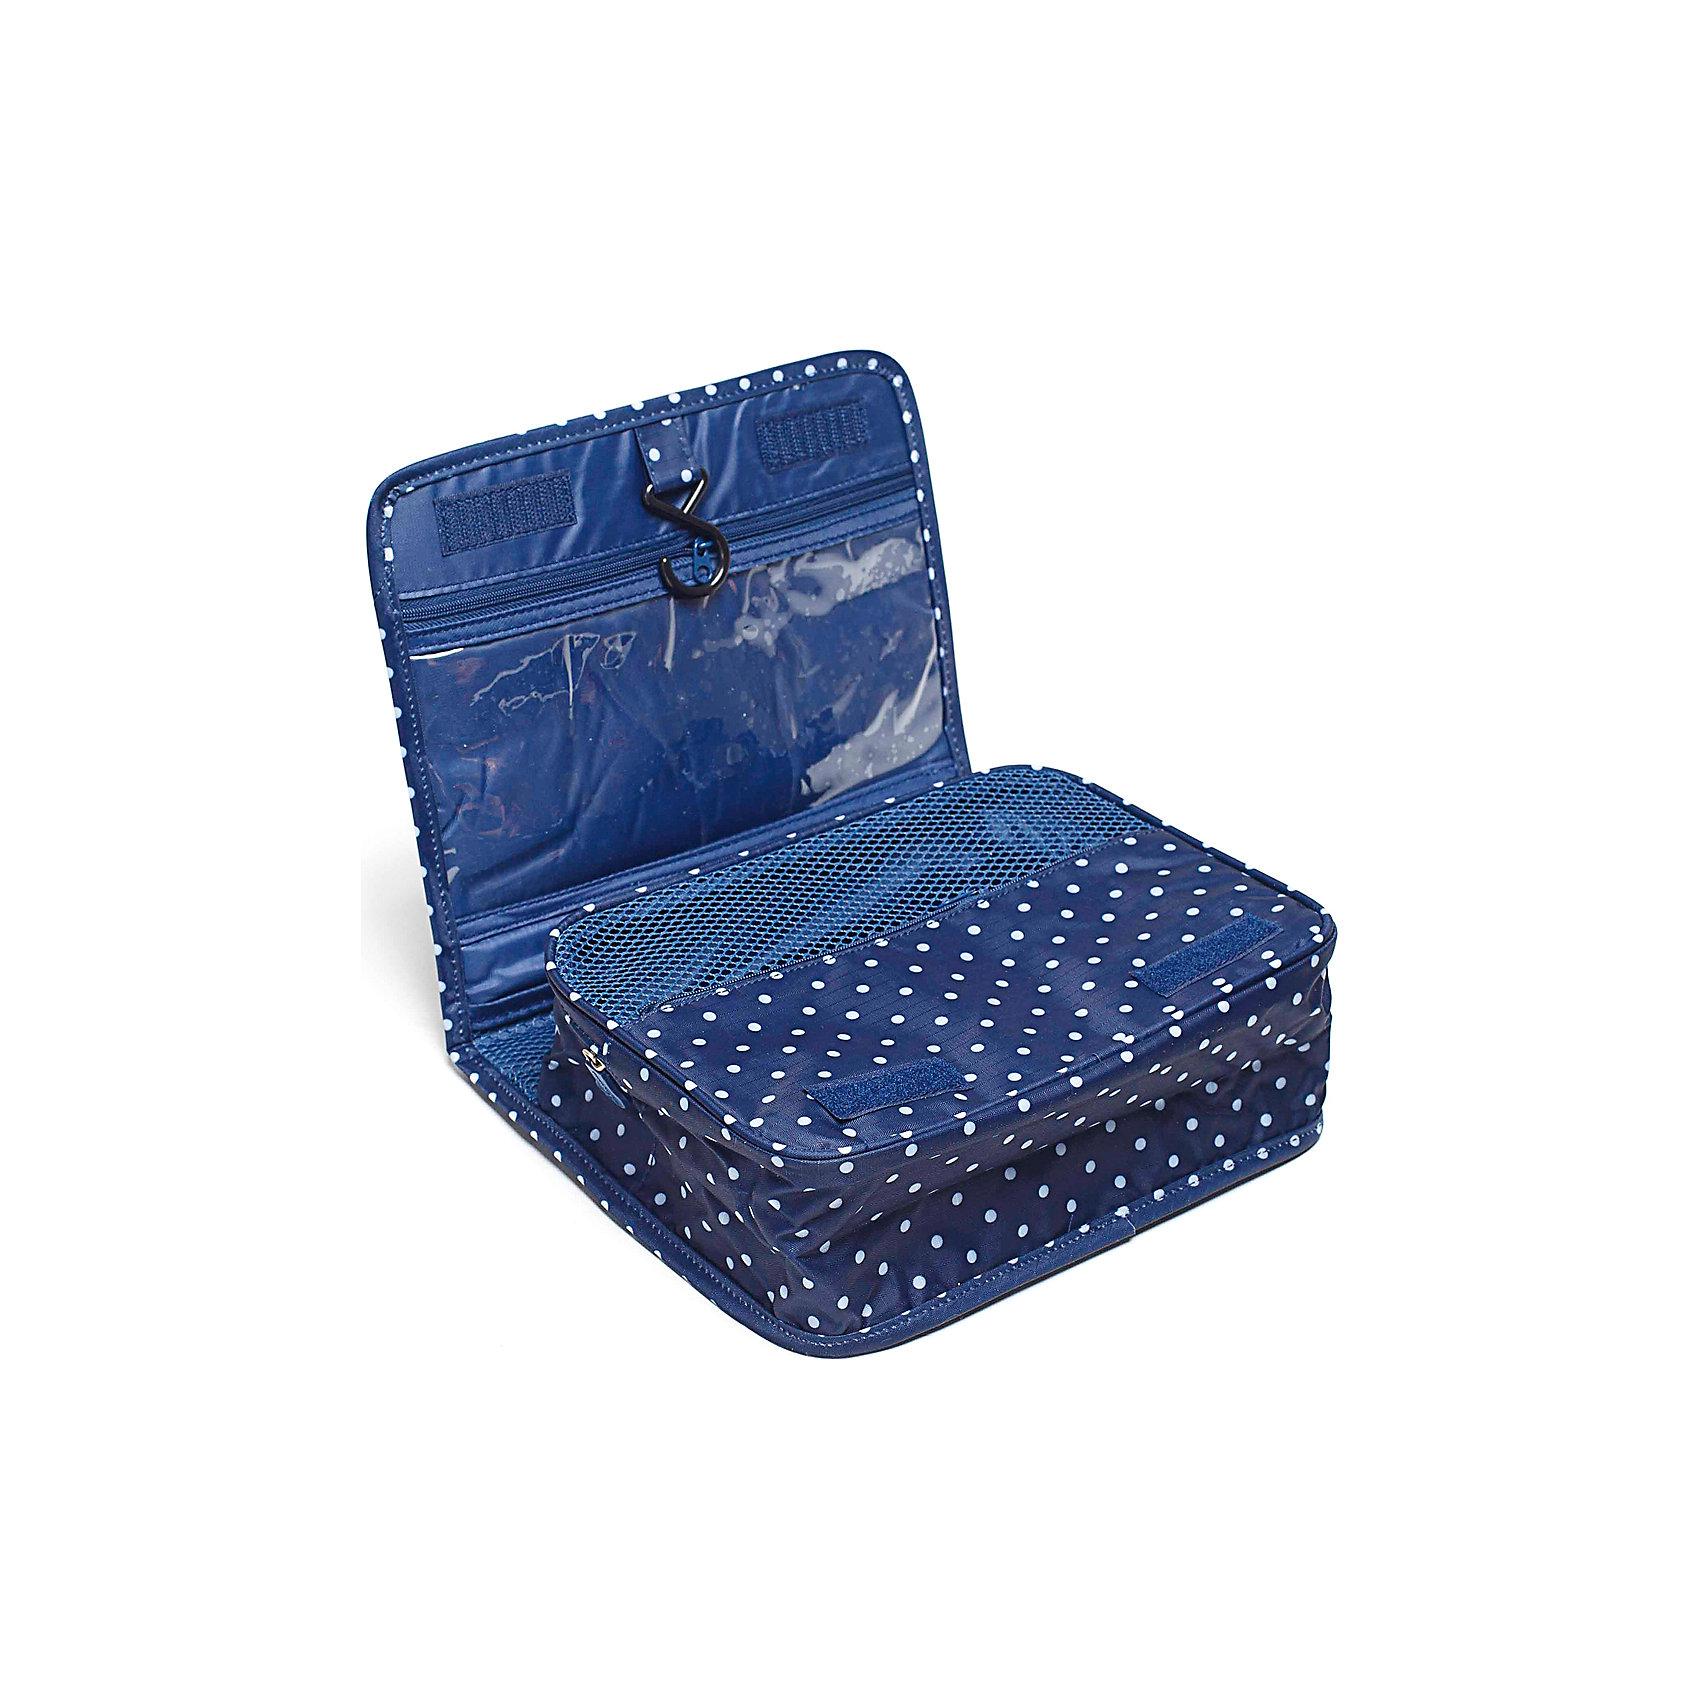 Органайзер в ванную подвесной, Homsu, синийВанная комната<br>Характеристики товара:<br><br>• цвет: синий<br>• материал: металл, сетка, полиэстер<br>• размер: 24х9х18 см<br>• вес: 200 г<br>• застежка: молния, липучка<br>• крепление: крючок<br>• ручка для переноски<br>• вместимость: карманы на молнии, отделения из сетки<br>• страна бренда: Россия<br>• страна изготовитель: Китай<br><br>Органайзер ванную подвесной от бренда Homsu (Хомсу) - очень удобная вещь для хранения вещей и эргономичной организации пространства.<br><br>Он легкий, вместительный, имеет удобную ручку для переноски, можно использовать как отдельный аксессуар.<br><br>Органайзер в ванную подвесной, Homsu можно купить в нашем интернет-магазине.<br><br>Ширина мм: 240<br>Глубина мм: 95<br>Высота мм: 185<br>Вес г: 200<br>Возраст от месяцев: 216<br>Возраст до месяцев: 1188<br>Пол: Унисекс<br>Возраст: Детский<br>SKU: 5620296